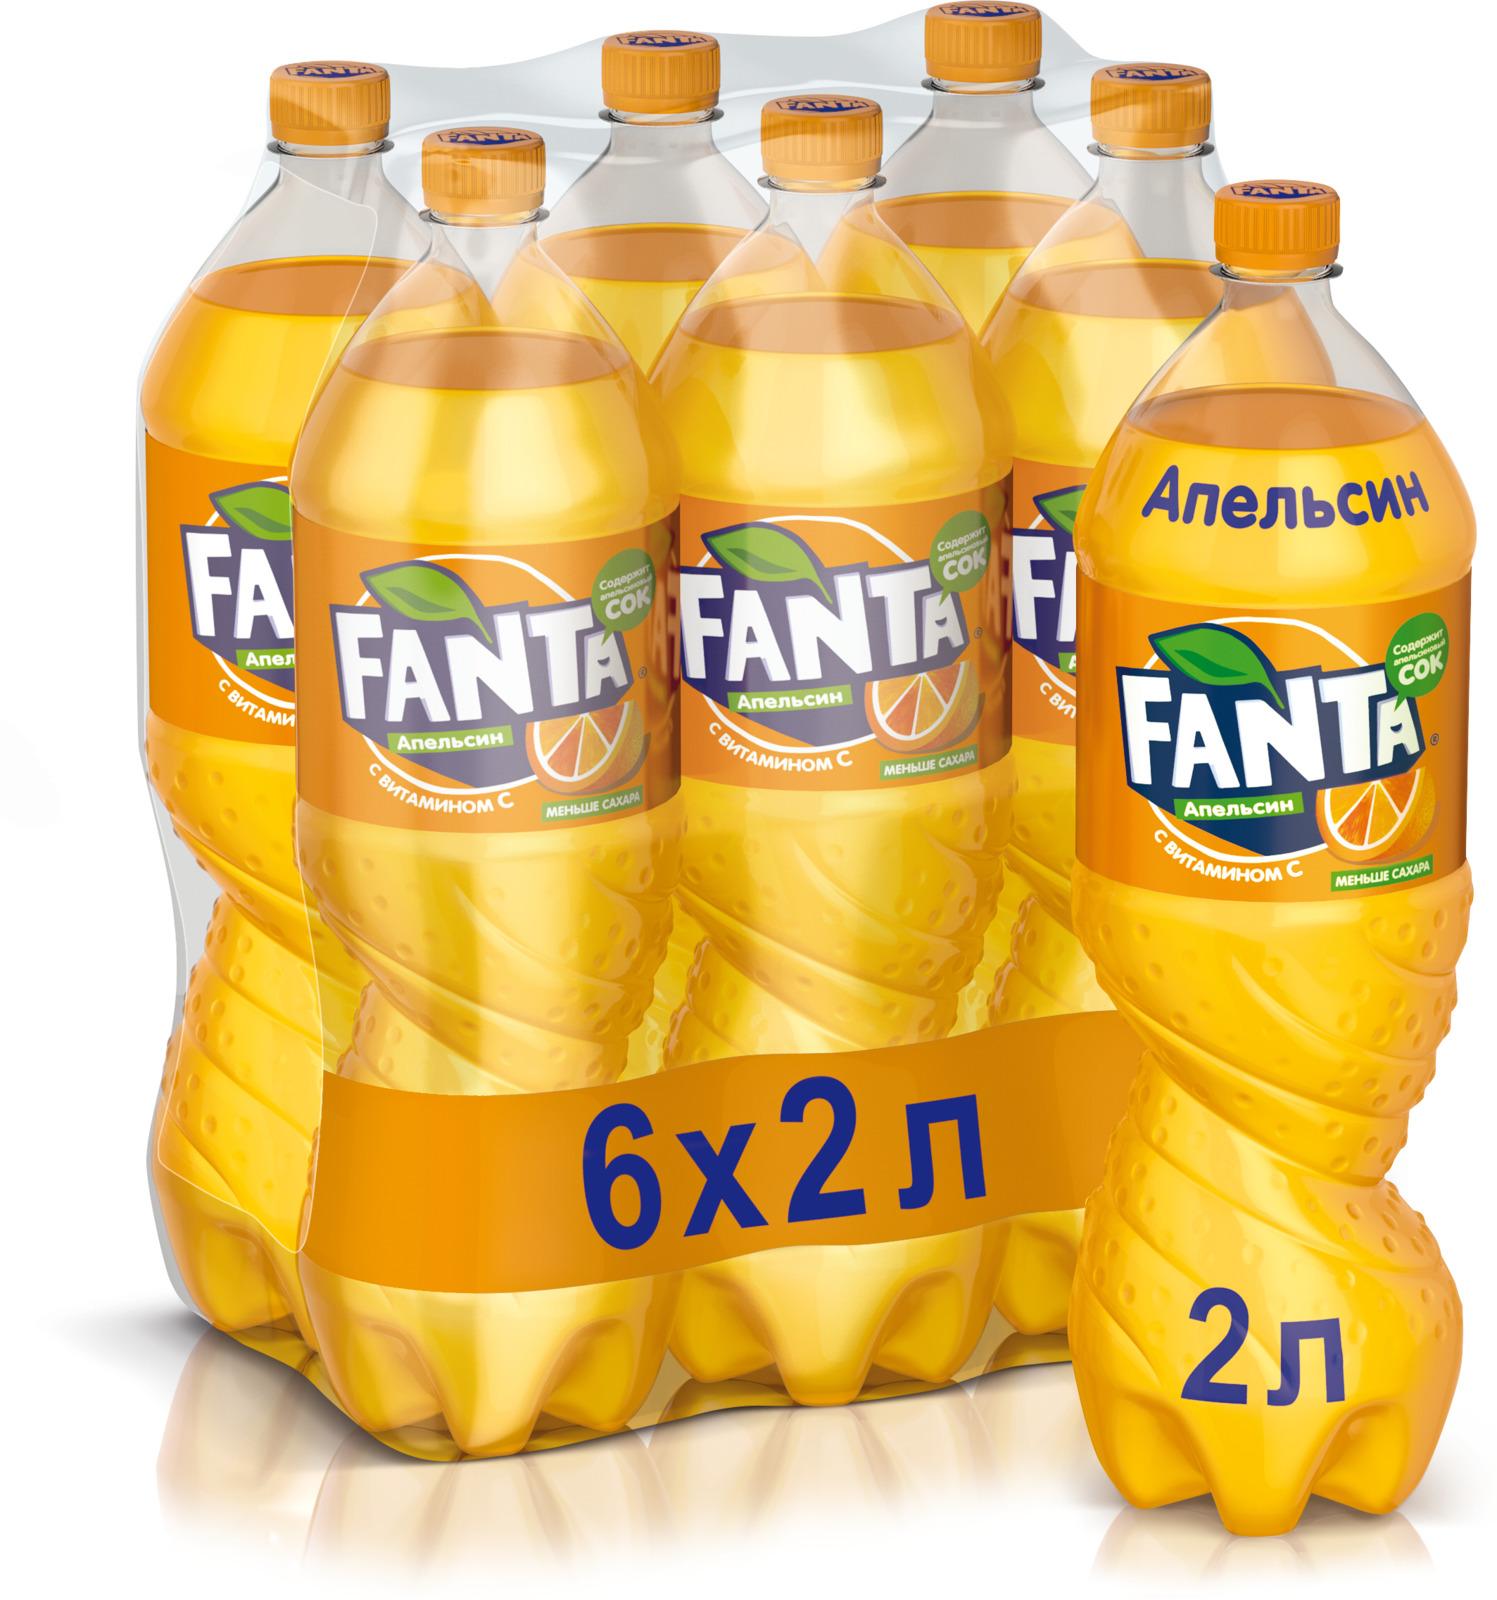 Fanta Апельсин напиток сильногазированный, 6 штук по 2 л